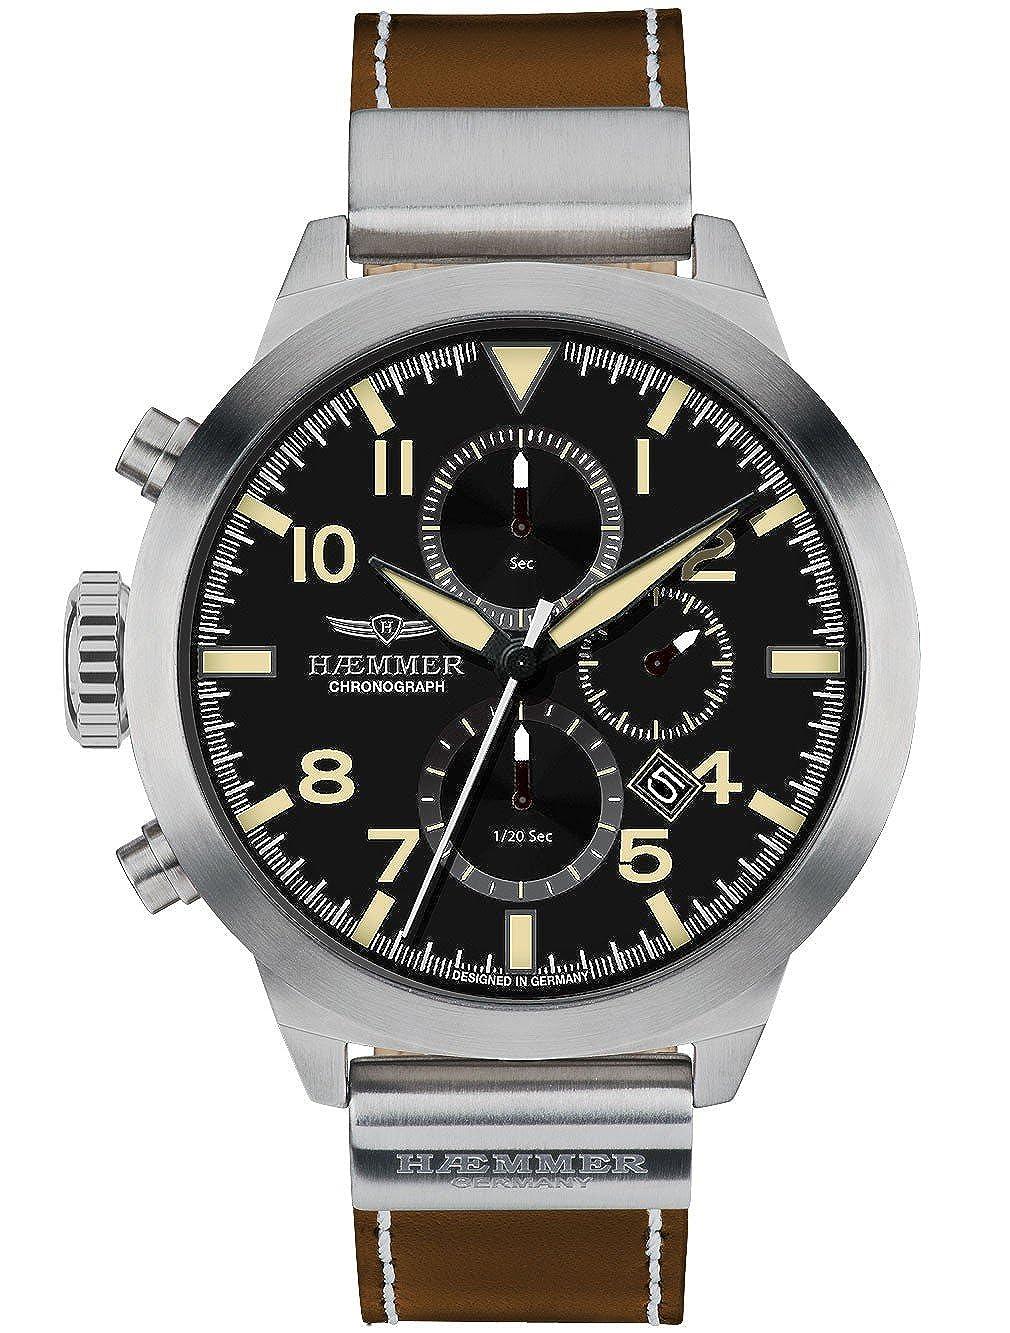 ヘンマー 腕時計 ドイツブランド クロノグラフ 日本製ムーブメント 50mm 10ATM PRUDENT HF-03 [並行輸入品] B01IEDVG5M